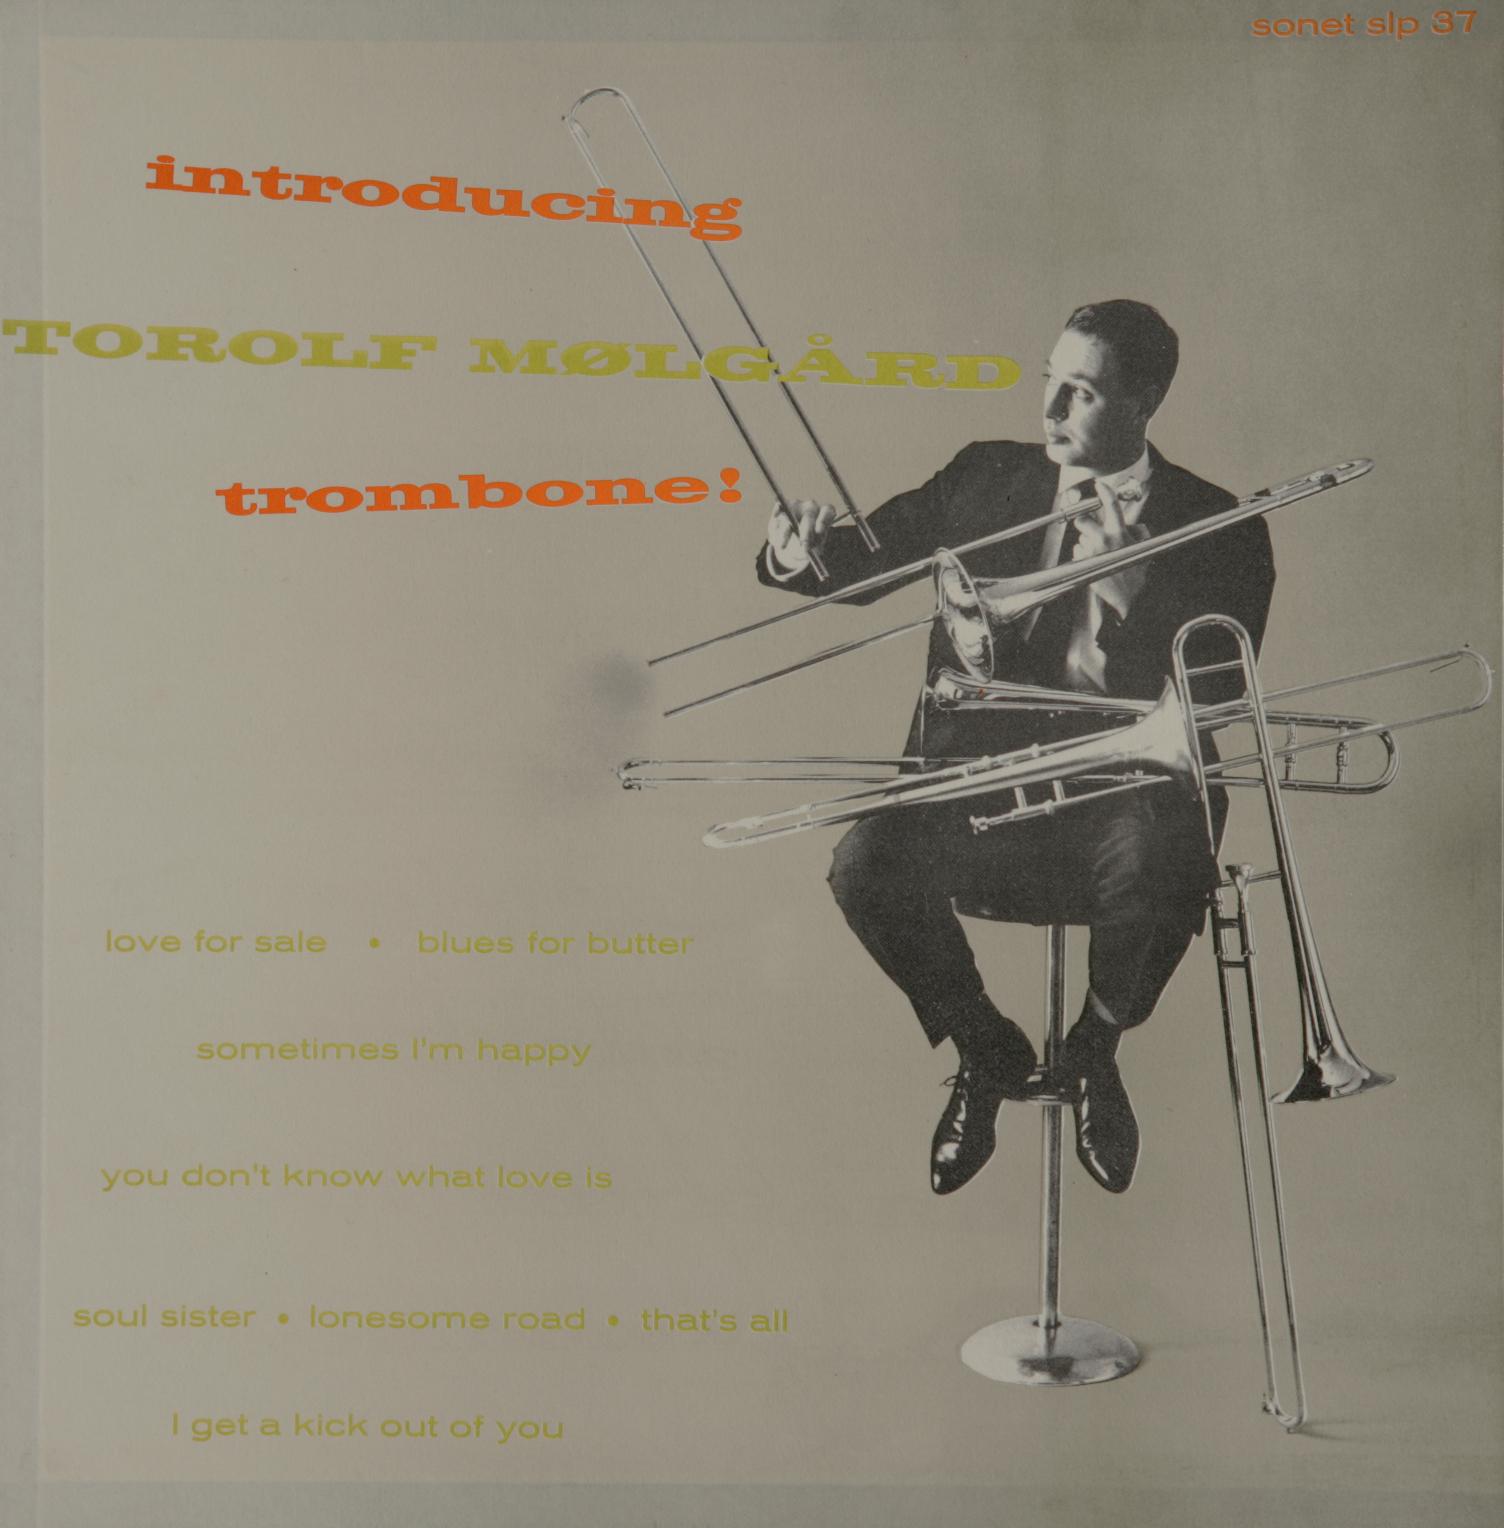 Torolf Mølgård Trombone Sonet SLP 37 Vinyl LP